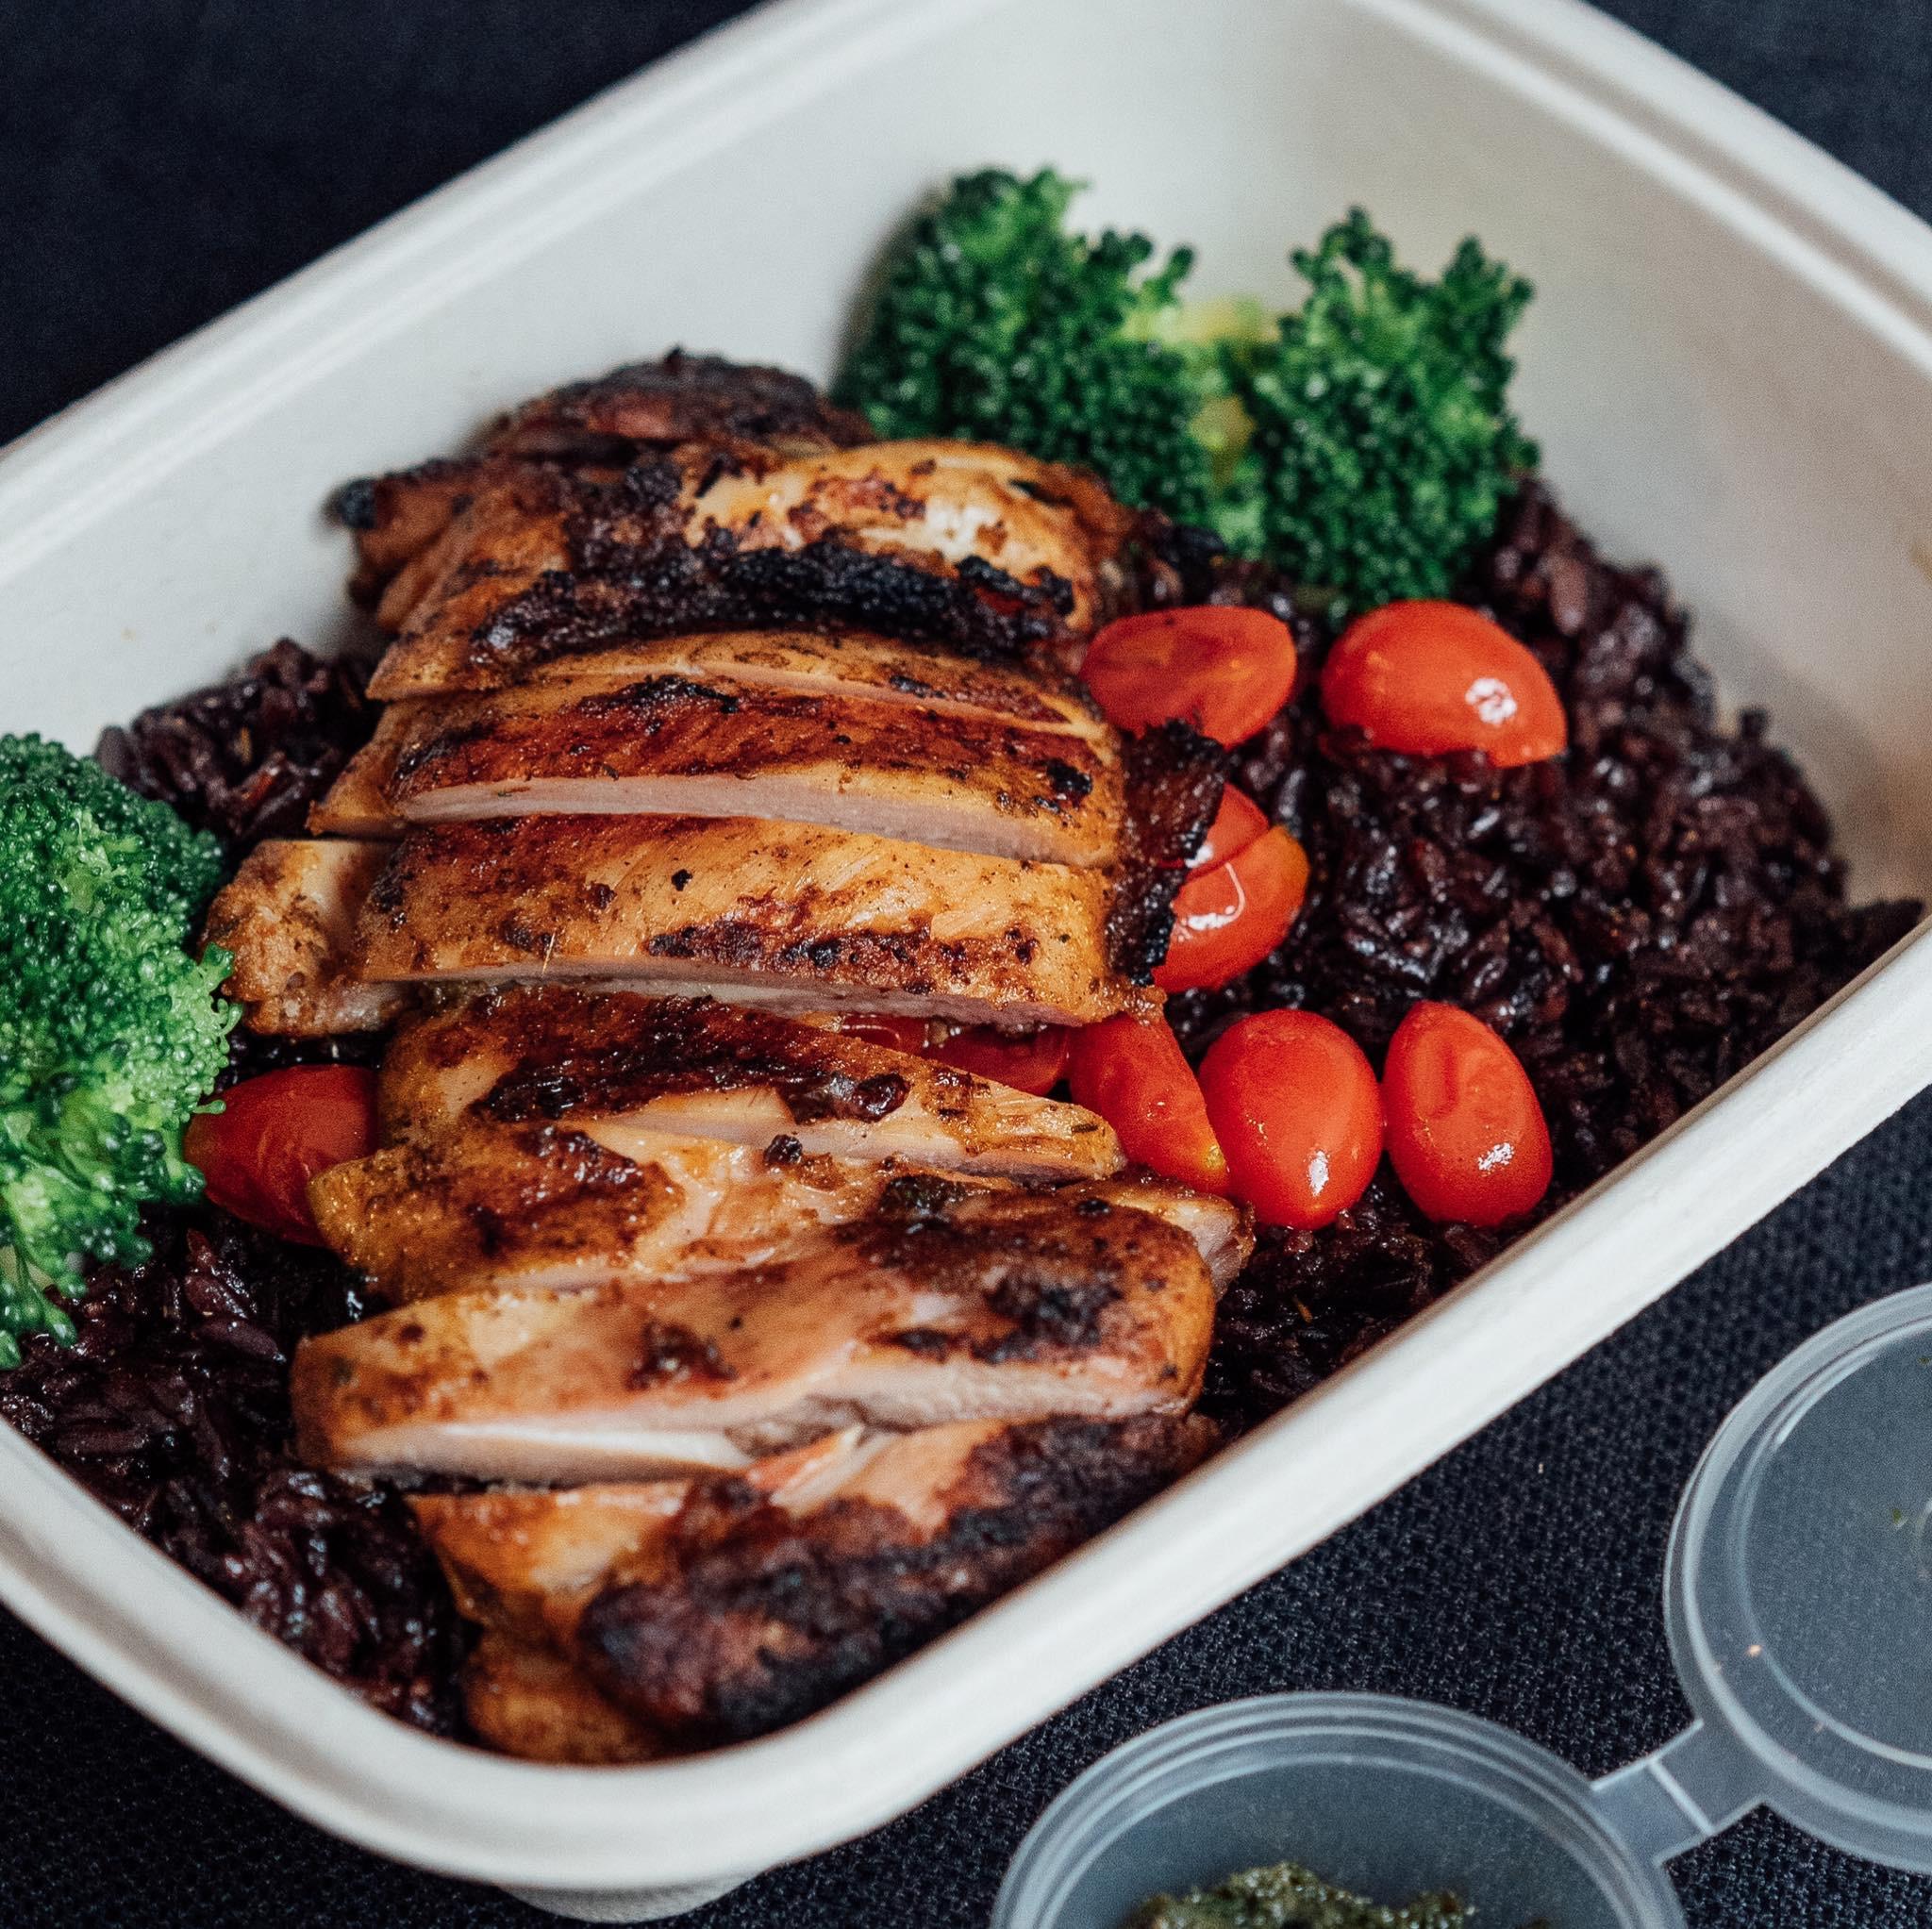 当你对食物充满了敬畏心,食物也会理所当然的把最美味的反馈于你